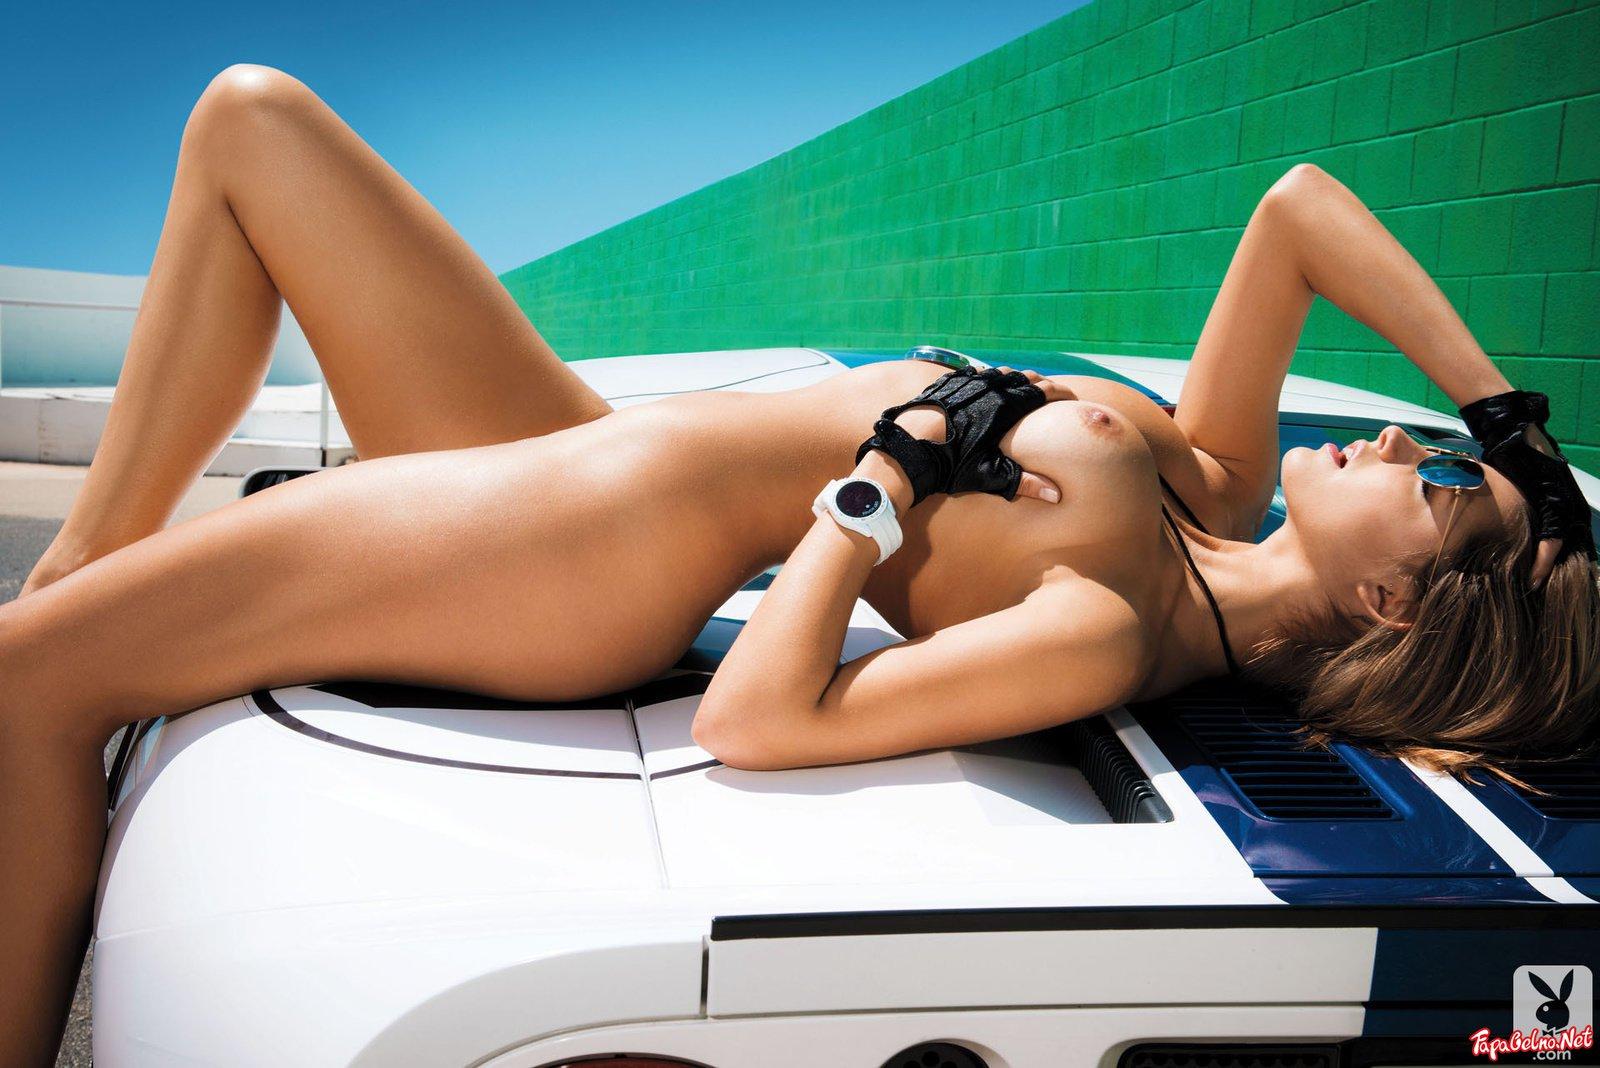 Danica Patrick Nude Photos Sex Scene Pics